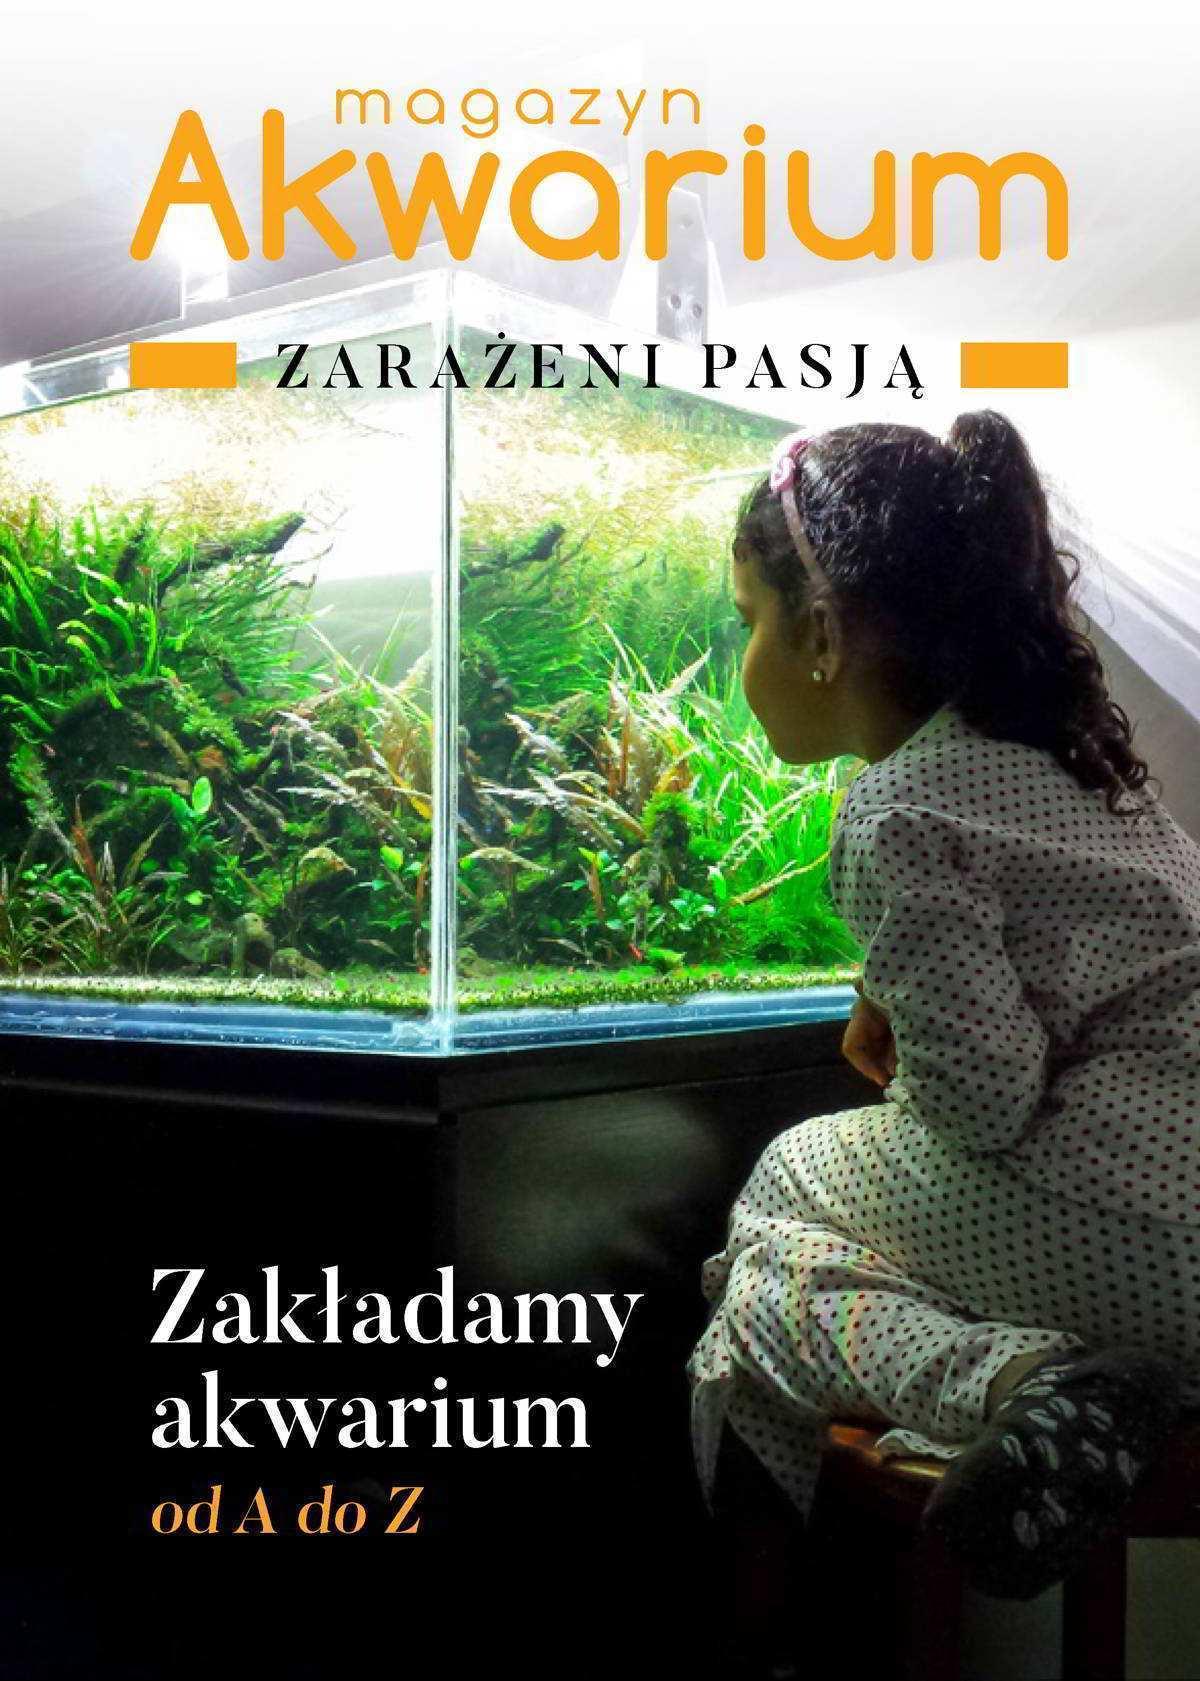 Zakładamy akwarium od A do Z